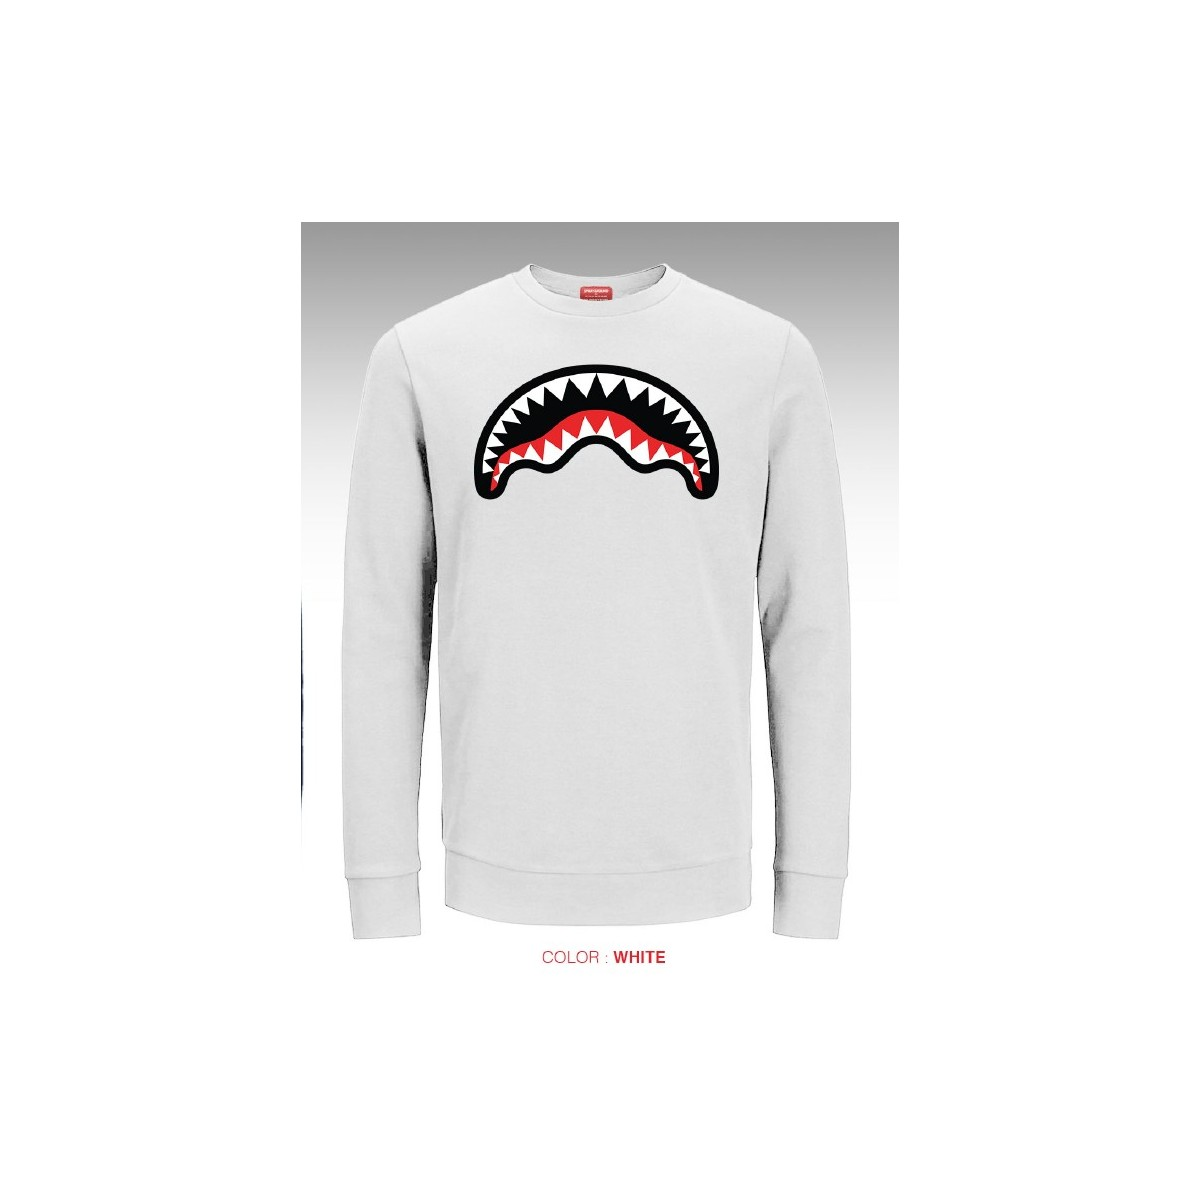 Felpa uomo - Shark crew felpa